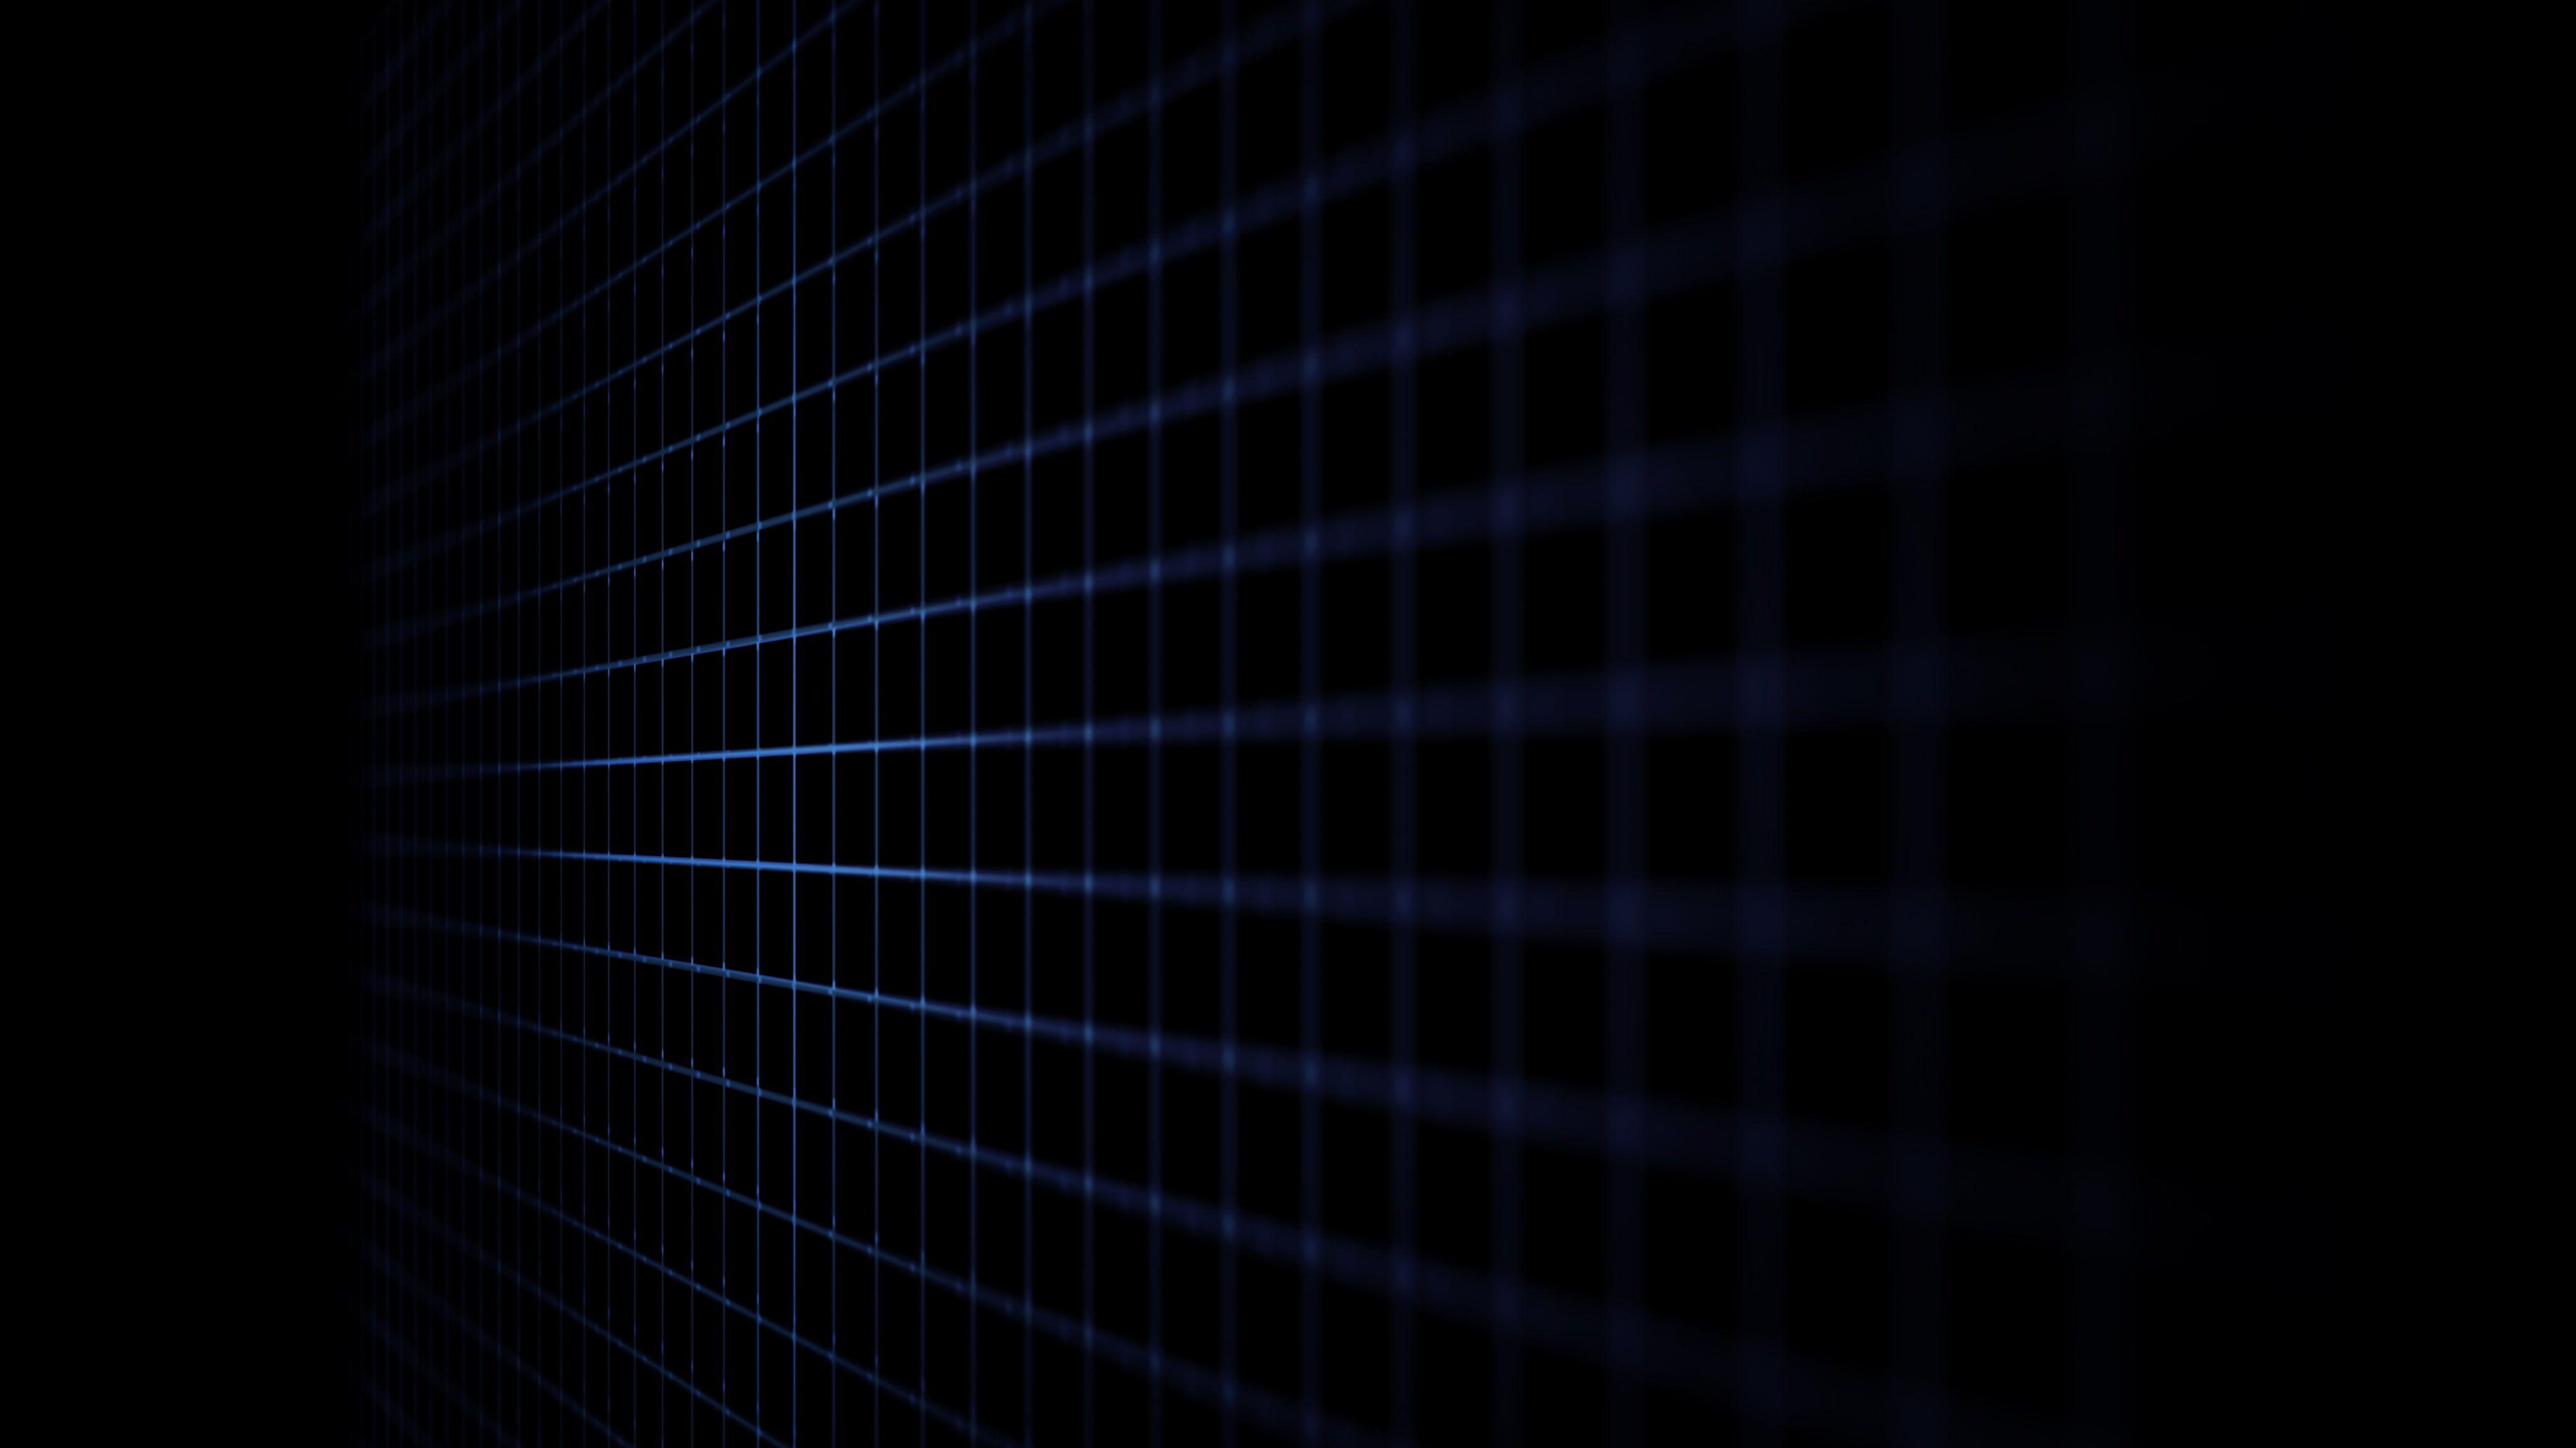 4k Dark Blue Lines Grid Lines 4k Wallpaper Hdwallpaper Desktop Black Wallpaper Dark Wallpaper Cool Black Wallpaper